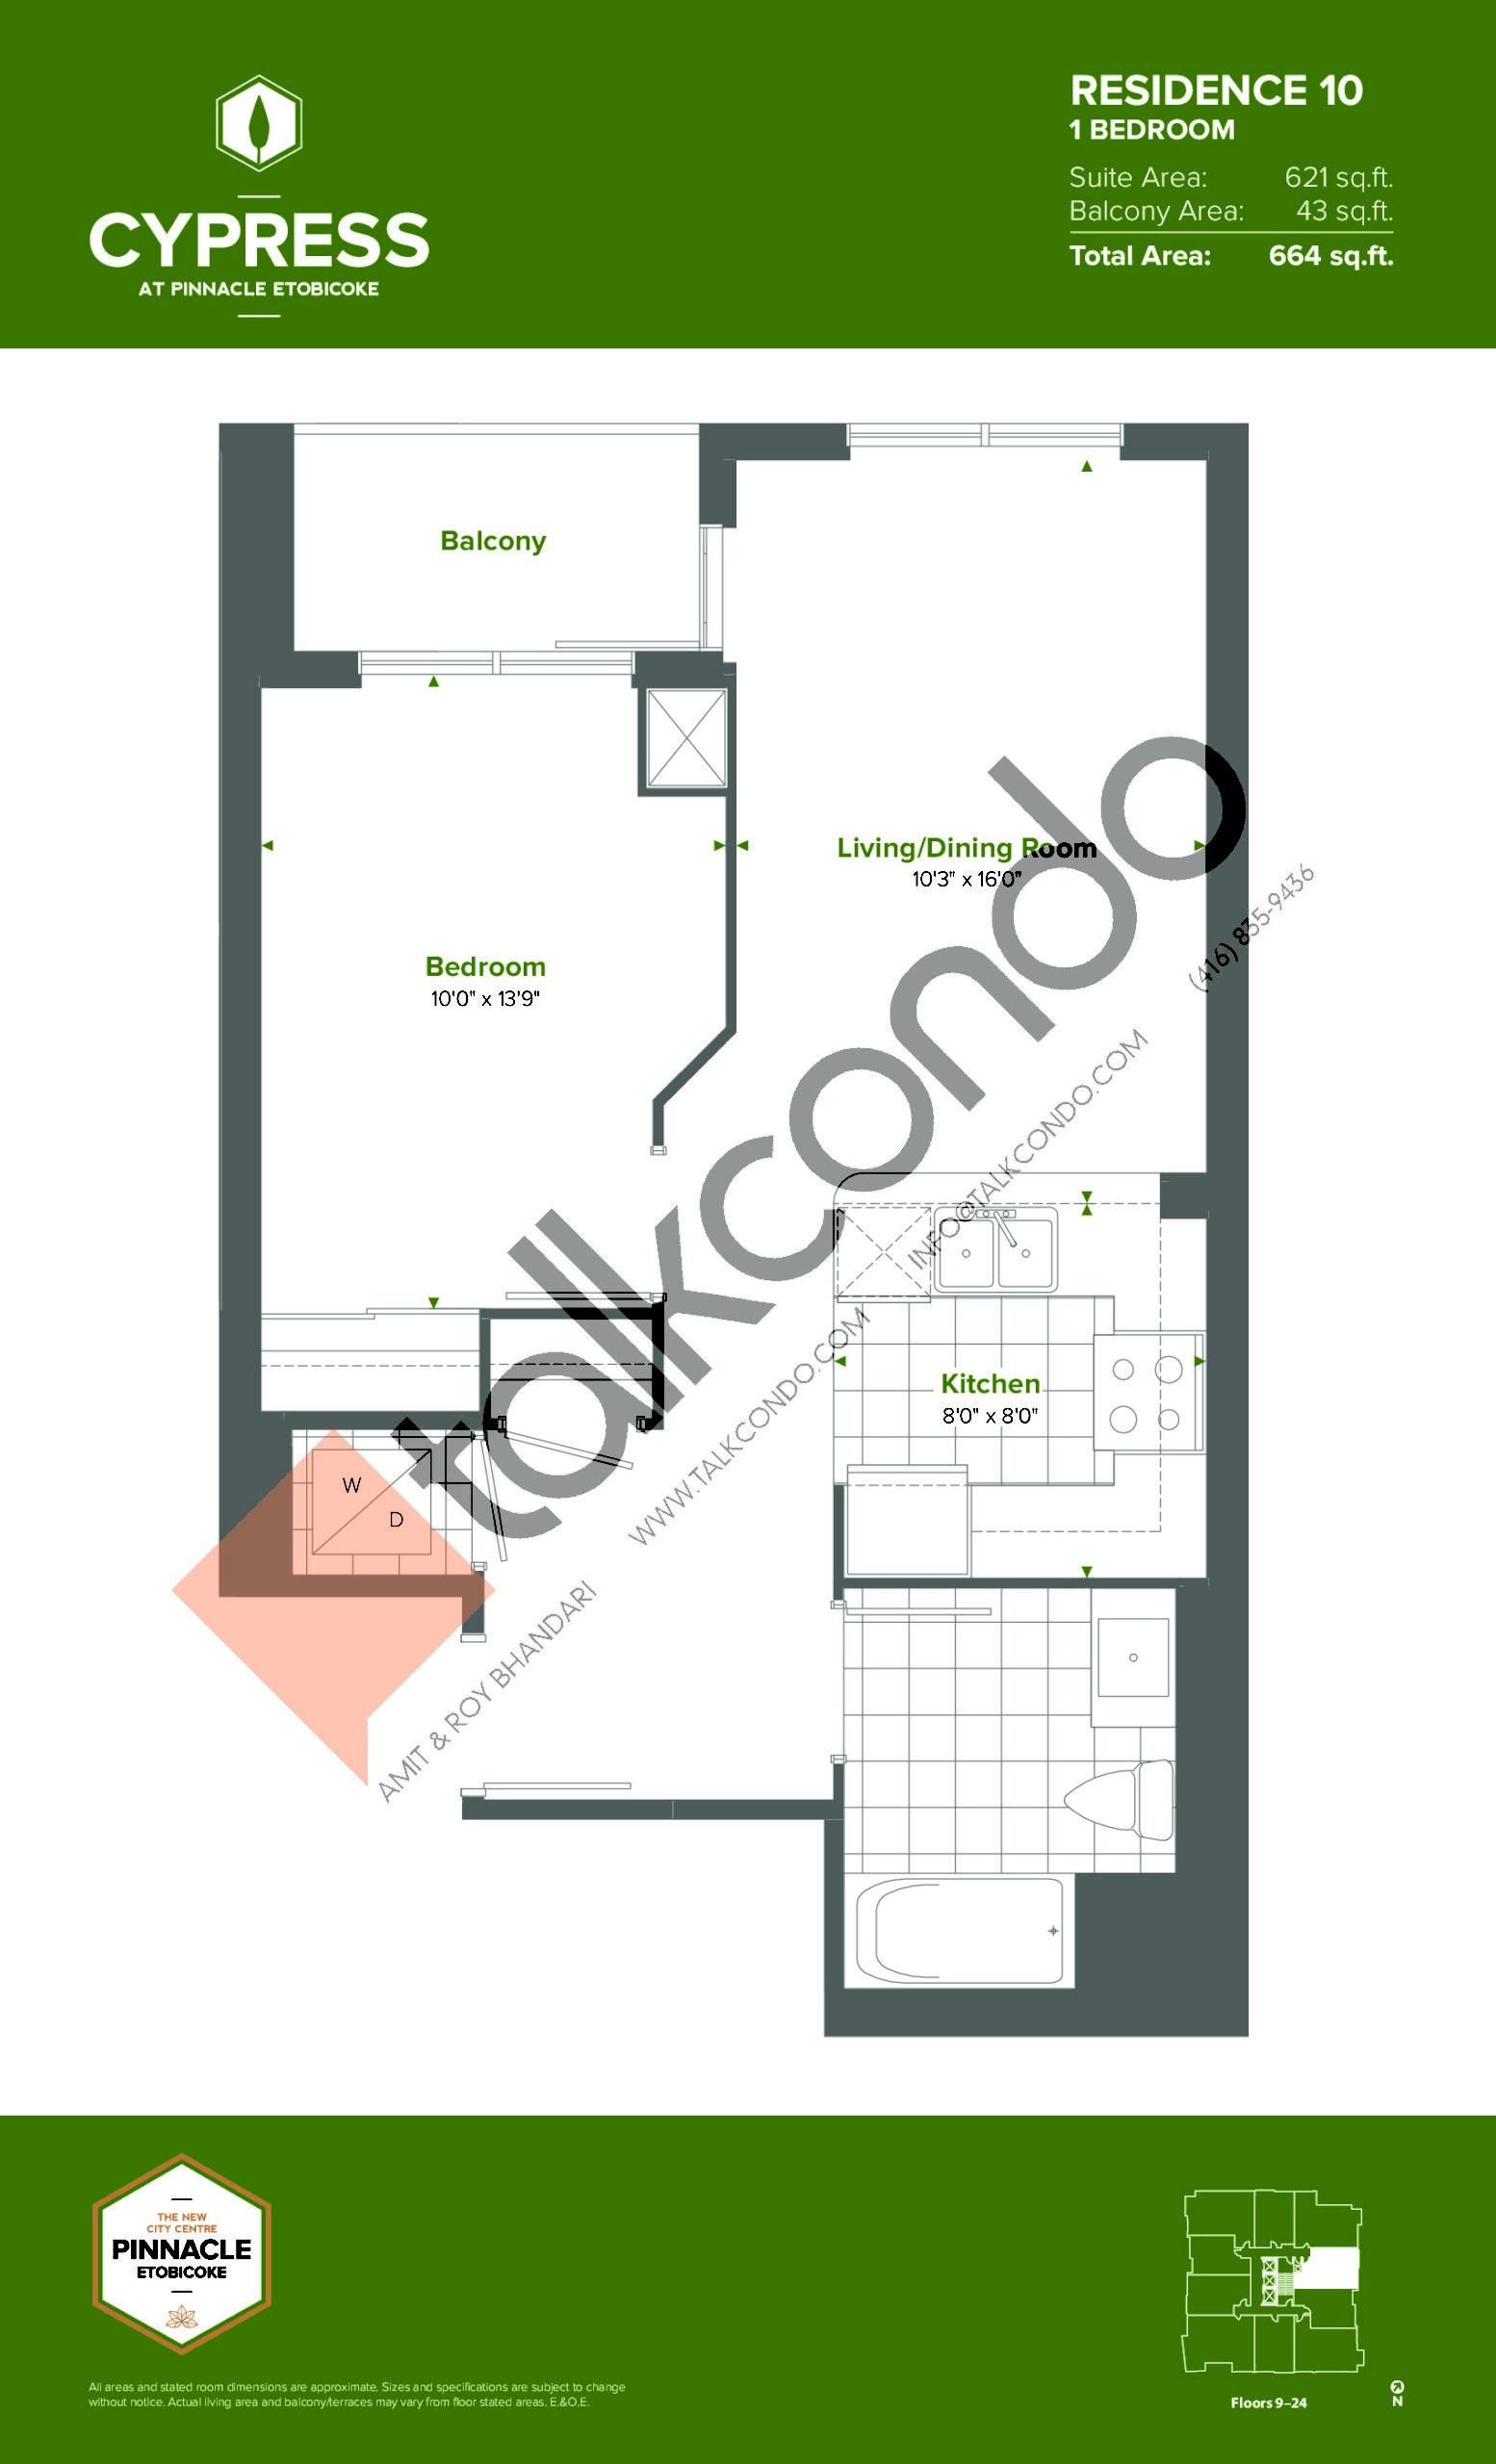 Residence 10 (Tower) Floor Plan at Cypress at Pinnacle Etobicoke - 621 sq.ft